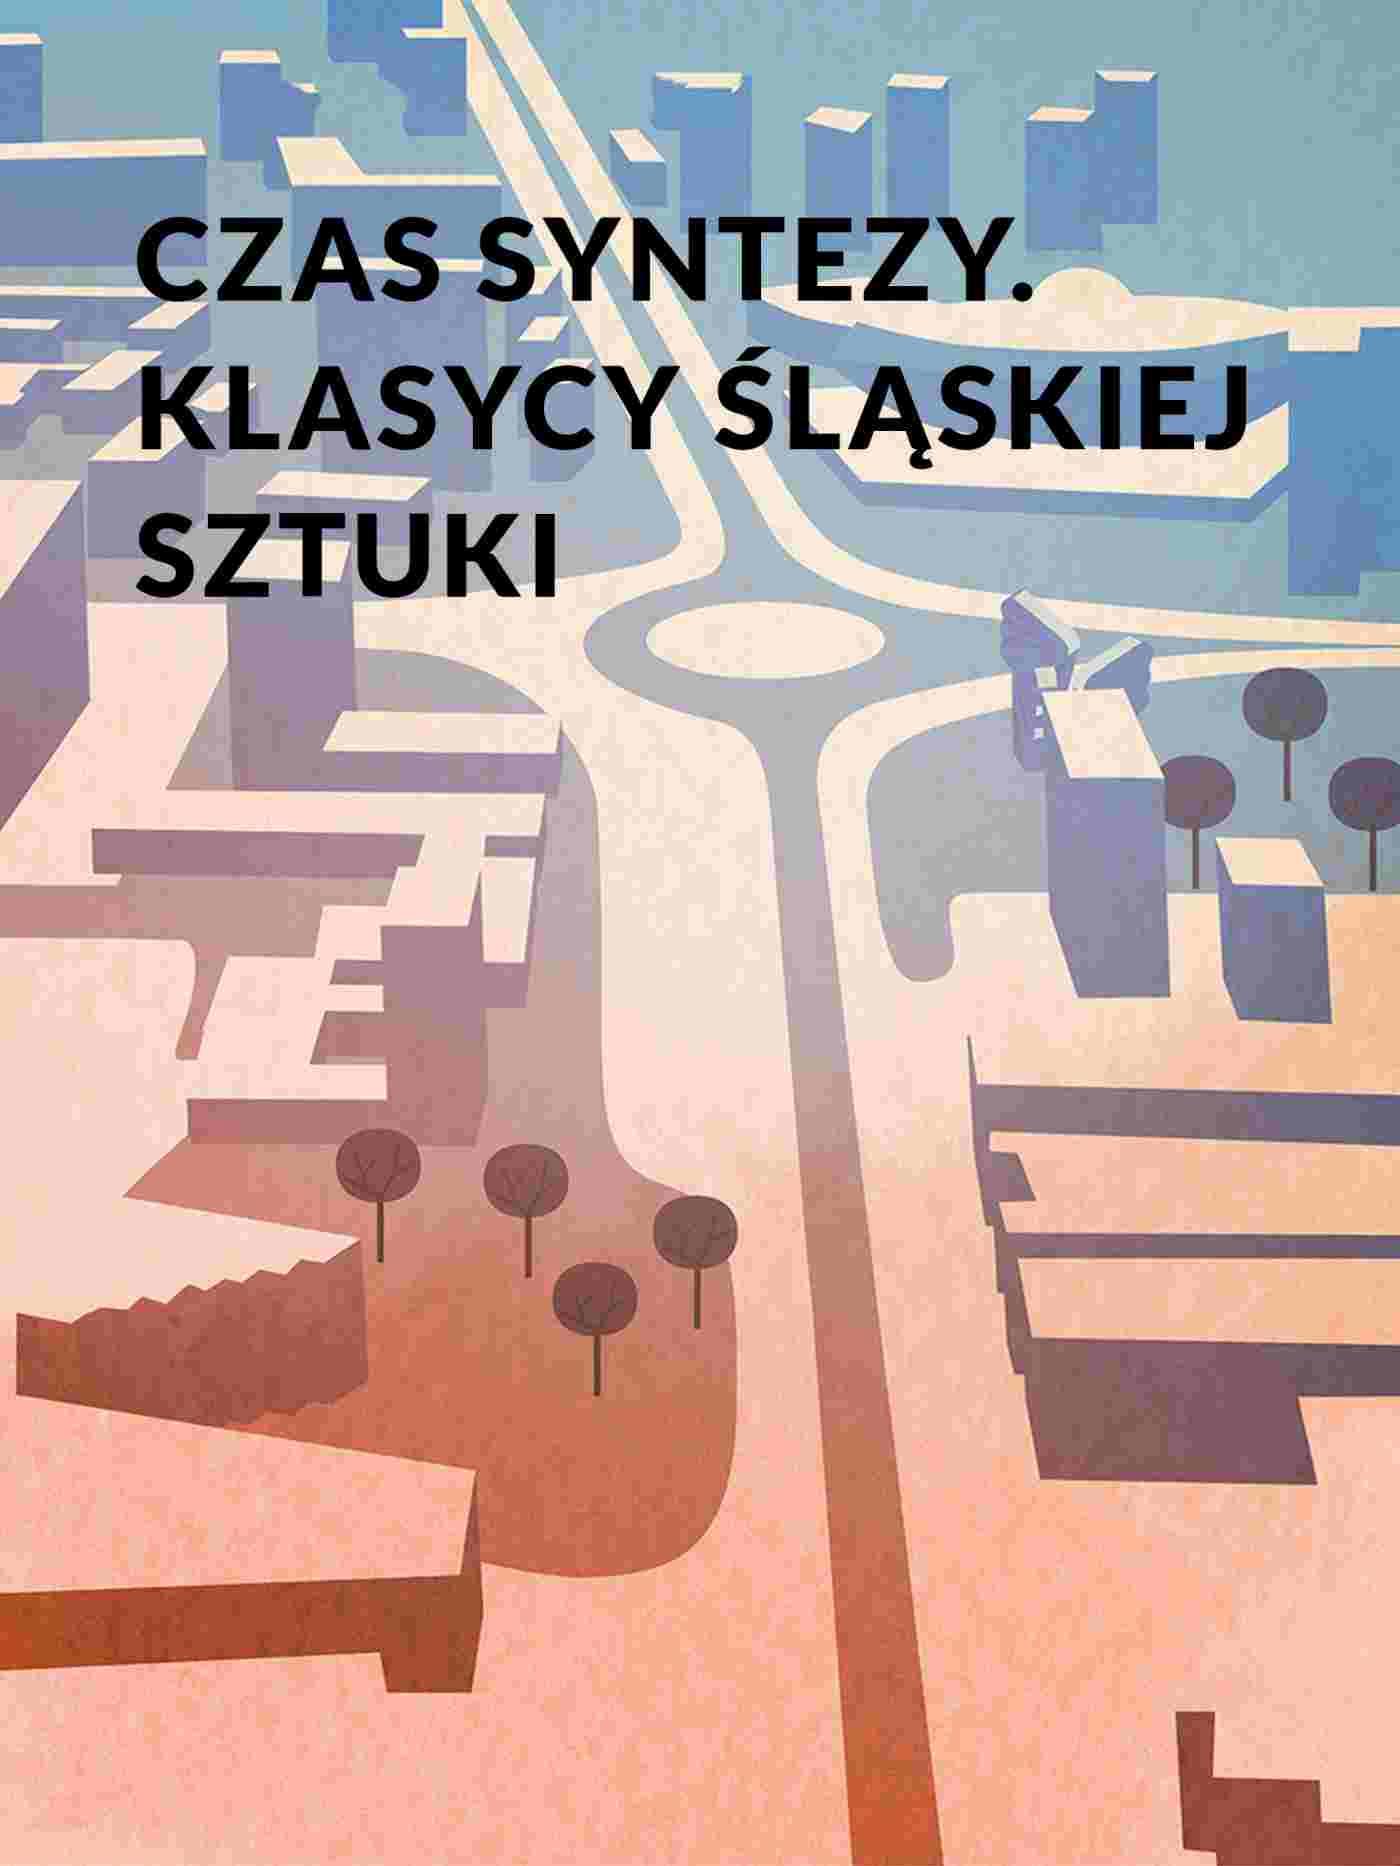 Czas syntezy. Klasycy śląskiej sztuki - Ebook (Książka na Kindle) do pobrania w formacie MOBI